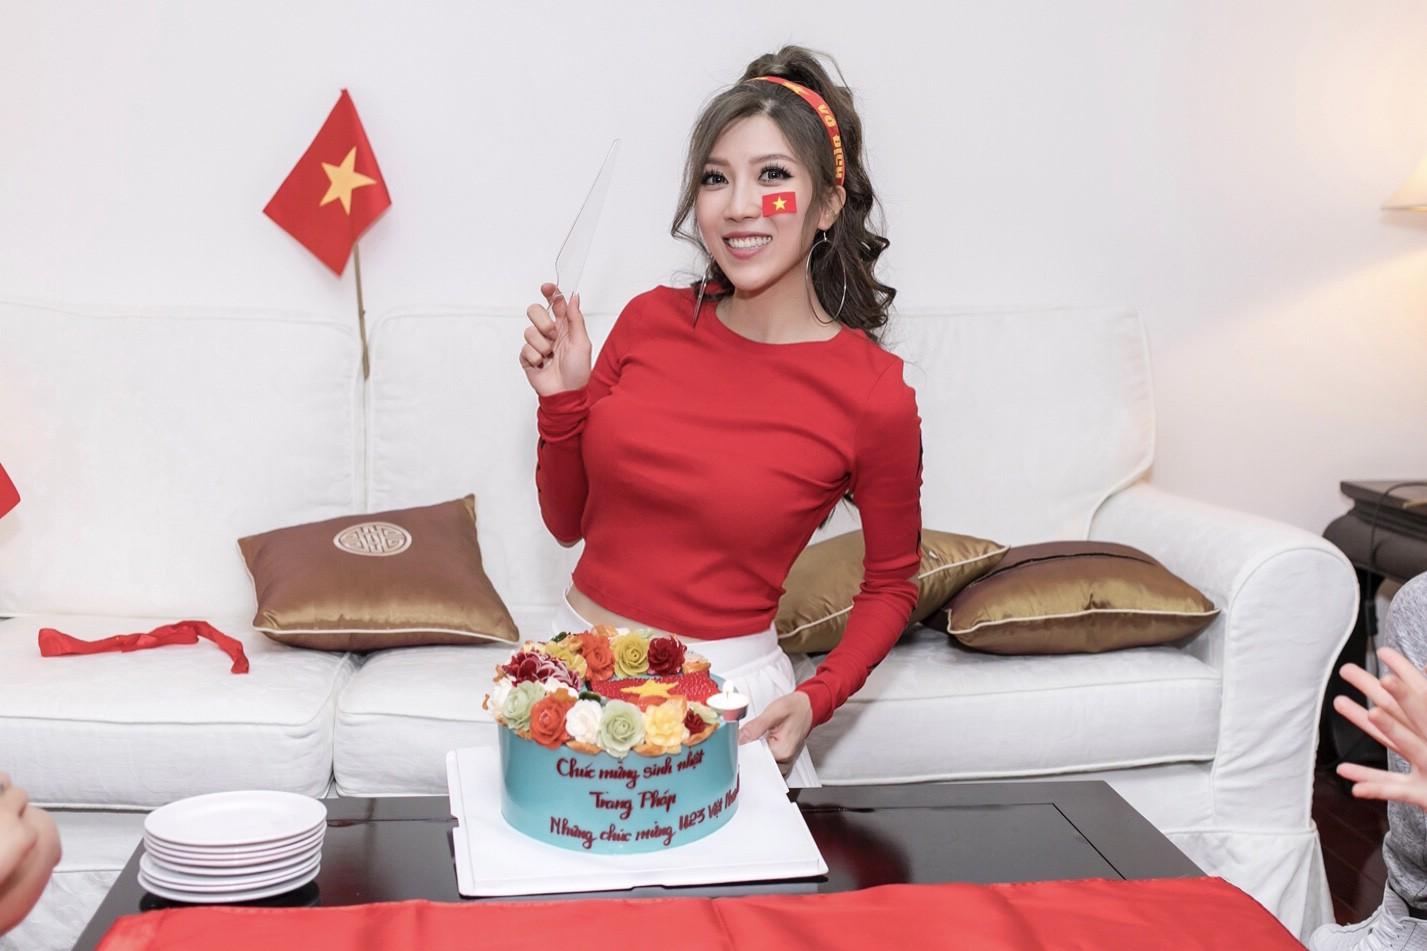 Sao Việt rộn ràng gửi lời chúc tới đội tuyển U23 Việt Nam trước trận chung kết lịch sử gặp Uzbekistan - Ảnh 4.